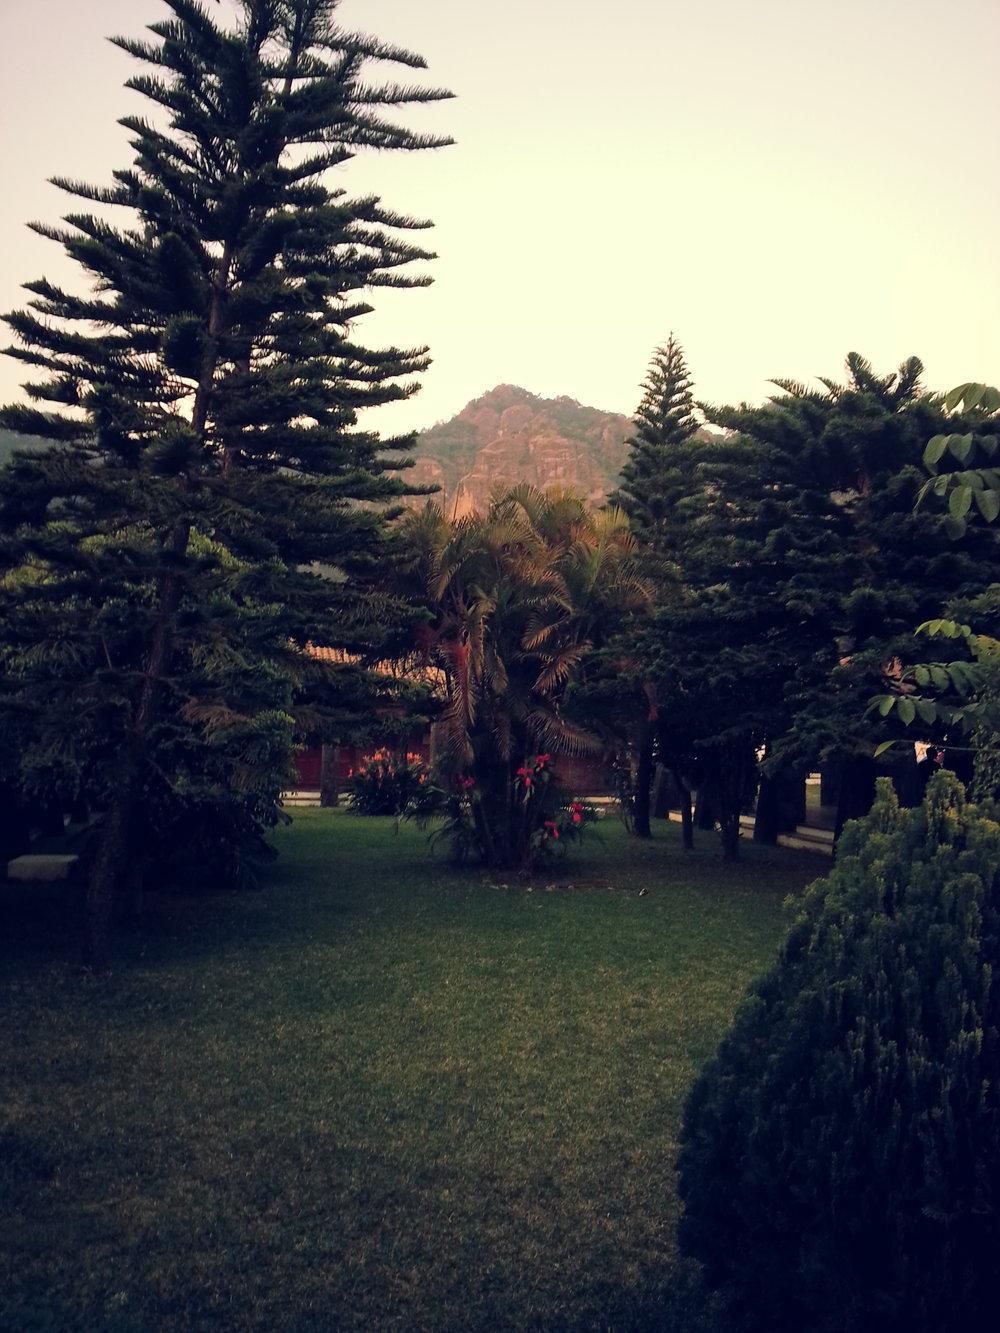 La Quinta Tonantzin Courtyard